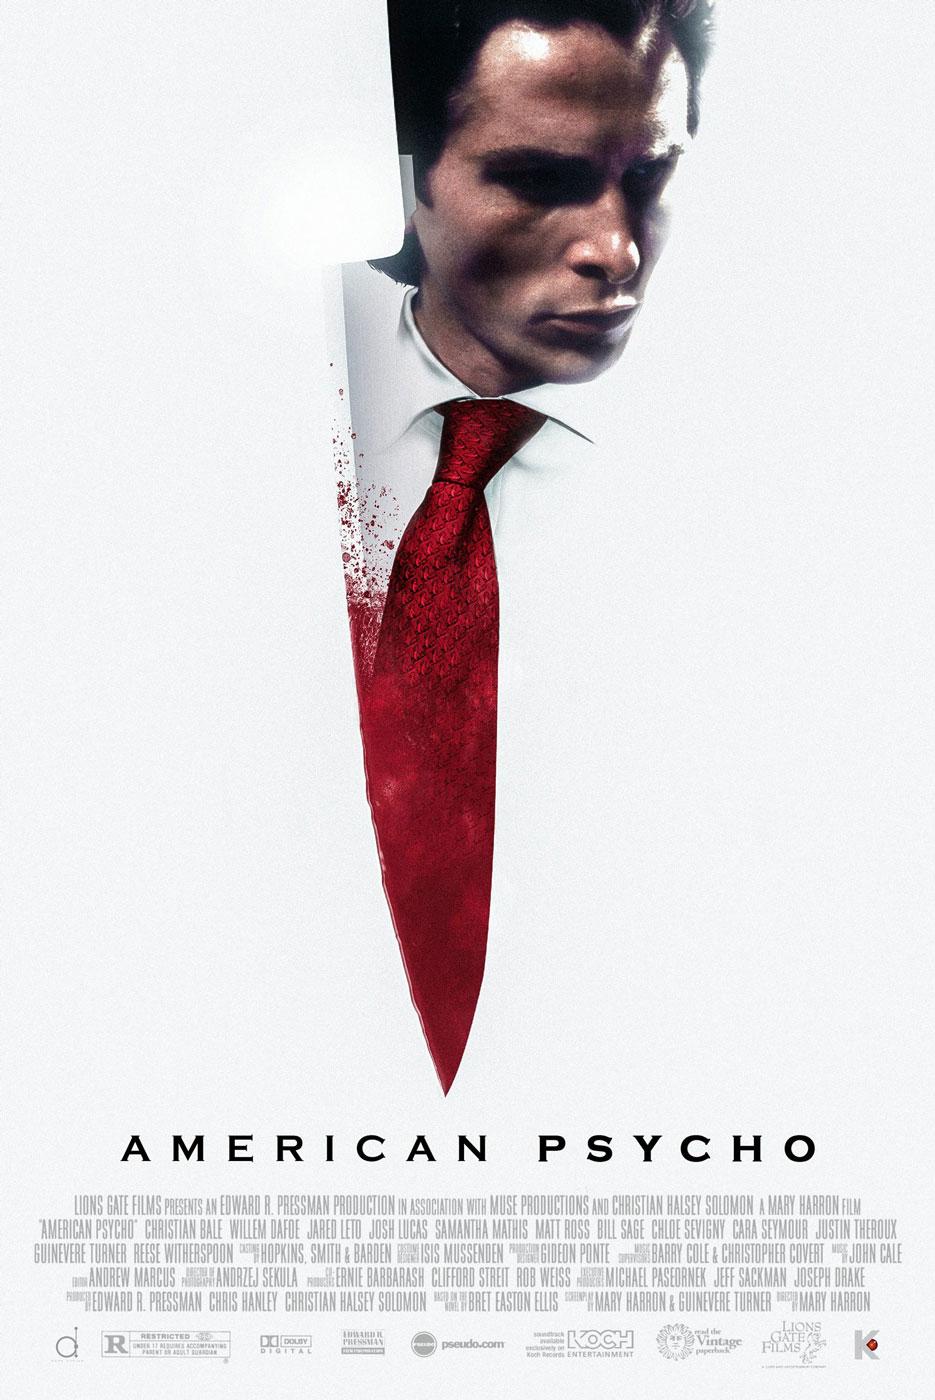 American Psycho - Mary Harron (2000)